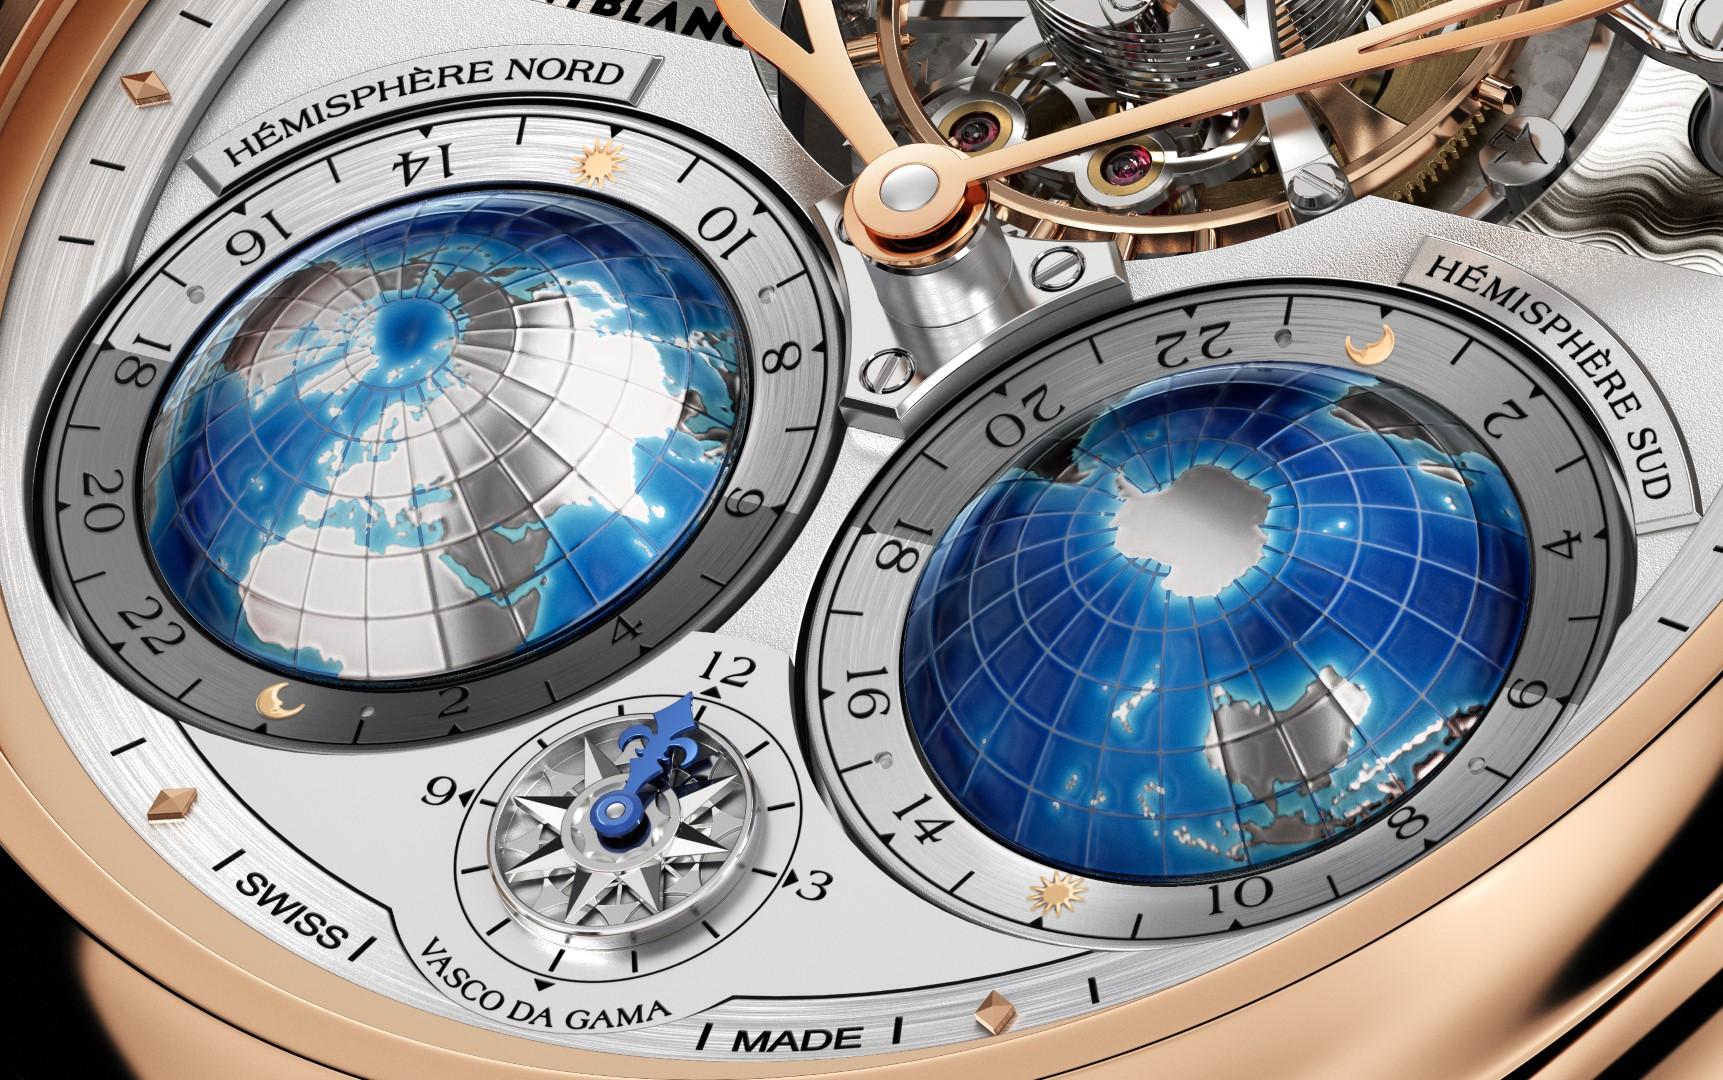 Montblanc Collection Villeret Tourbillon Cylindrique Geosphères Vasco da Gama - detalle de las esferas